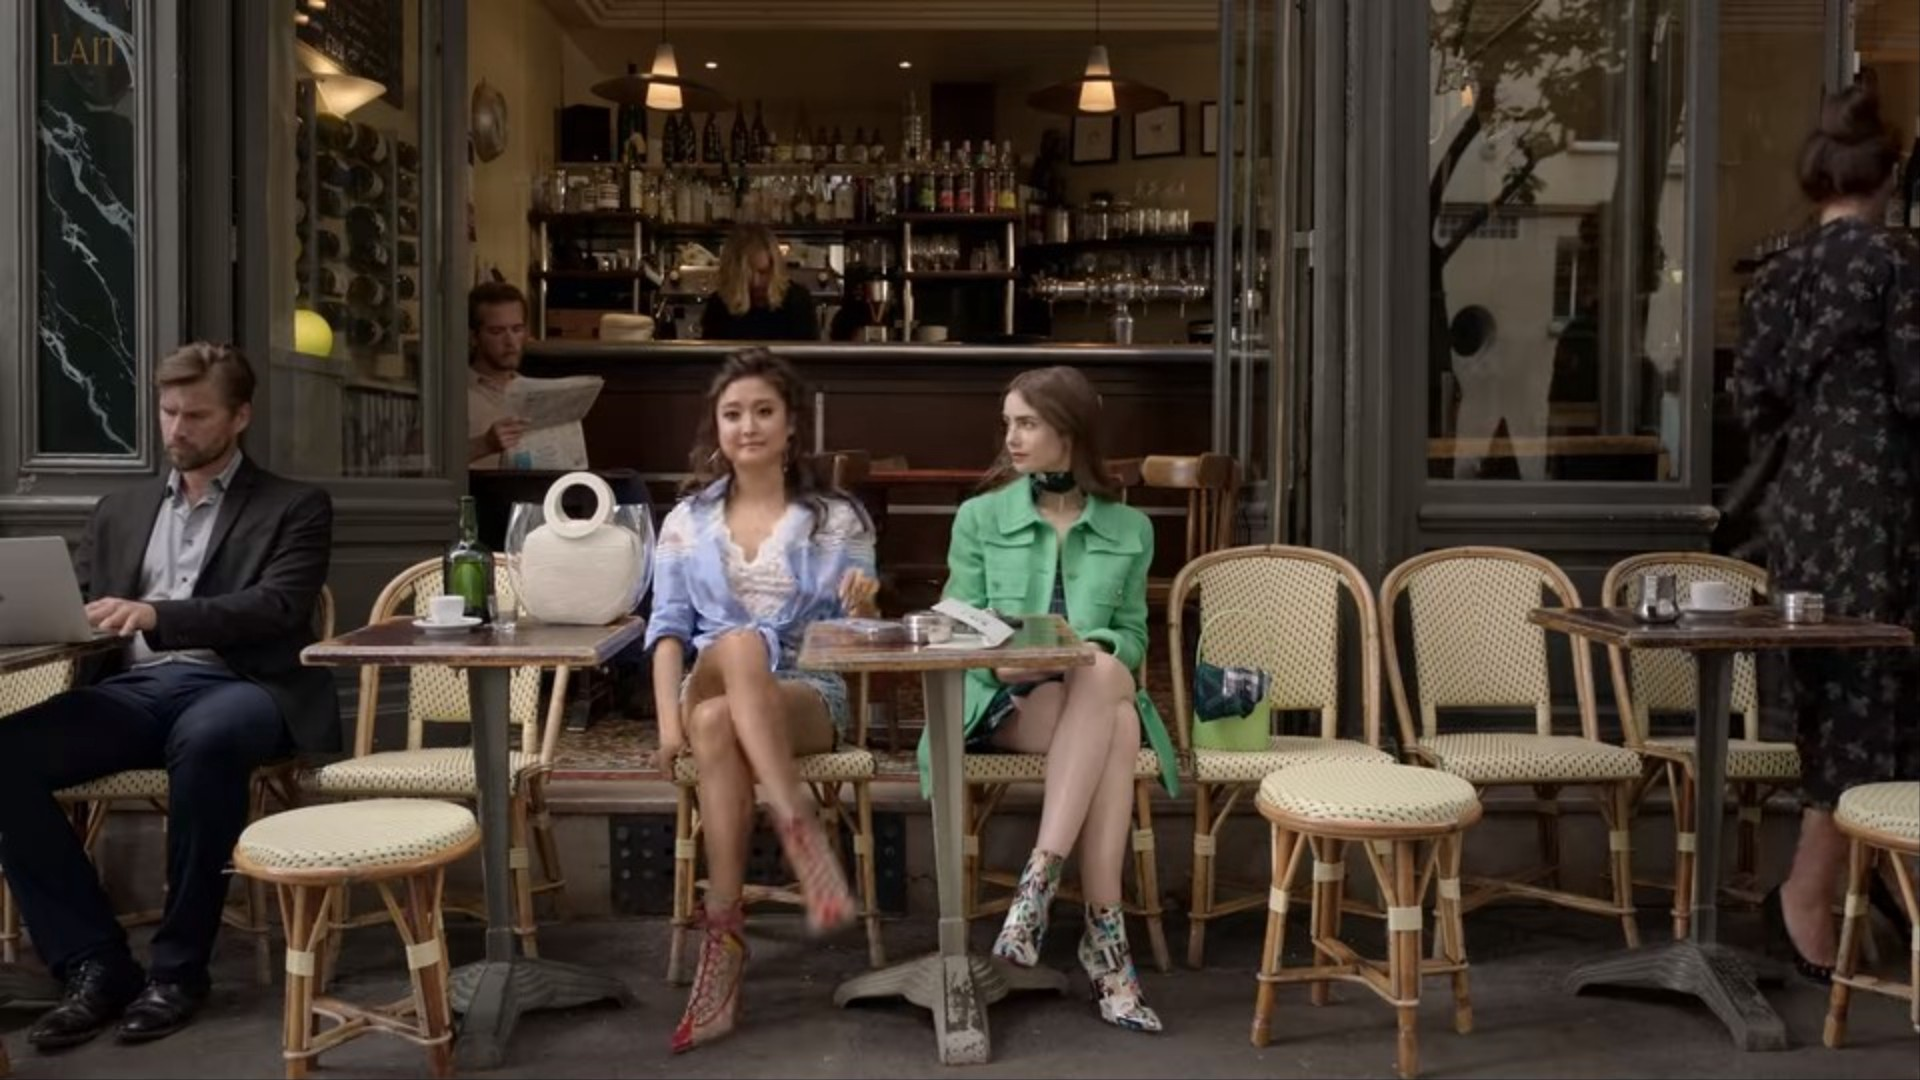 三種法式風格室內設計,從【艾蜜莉在巴黎】場景來談起